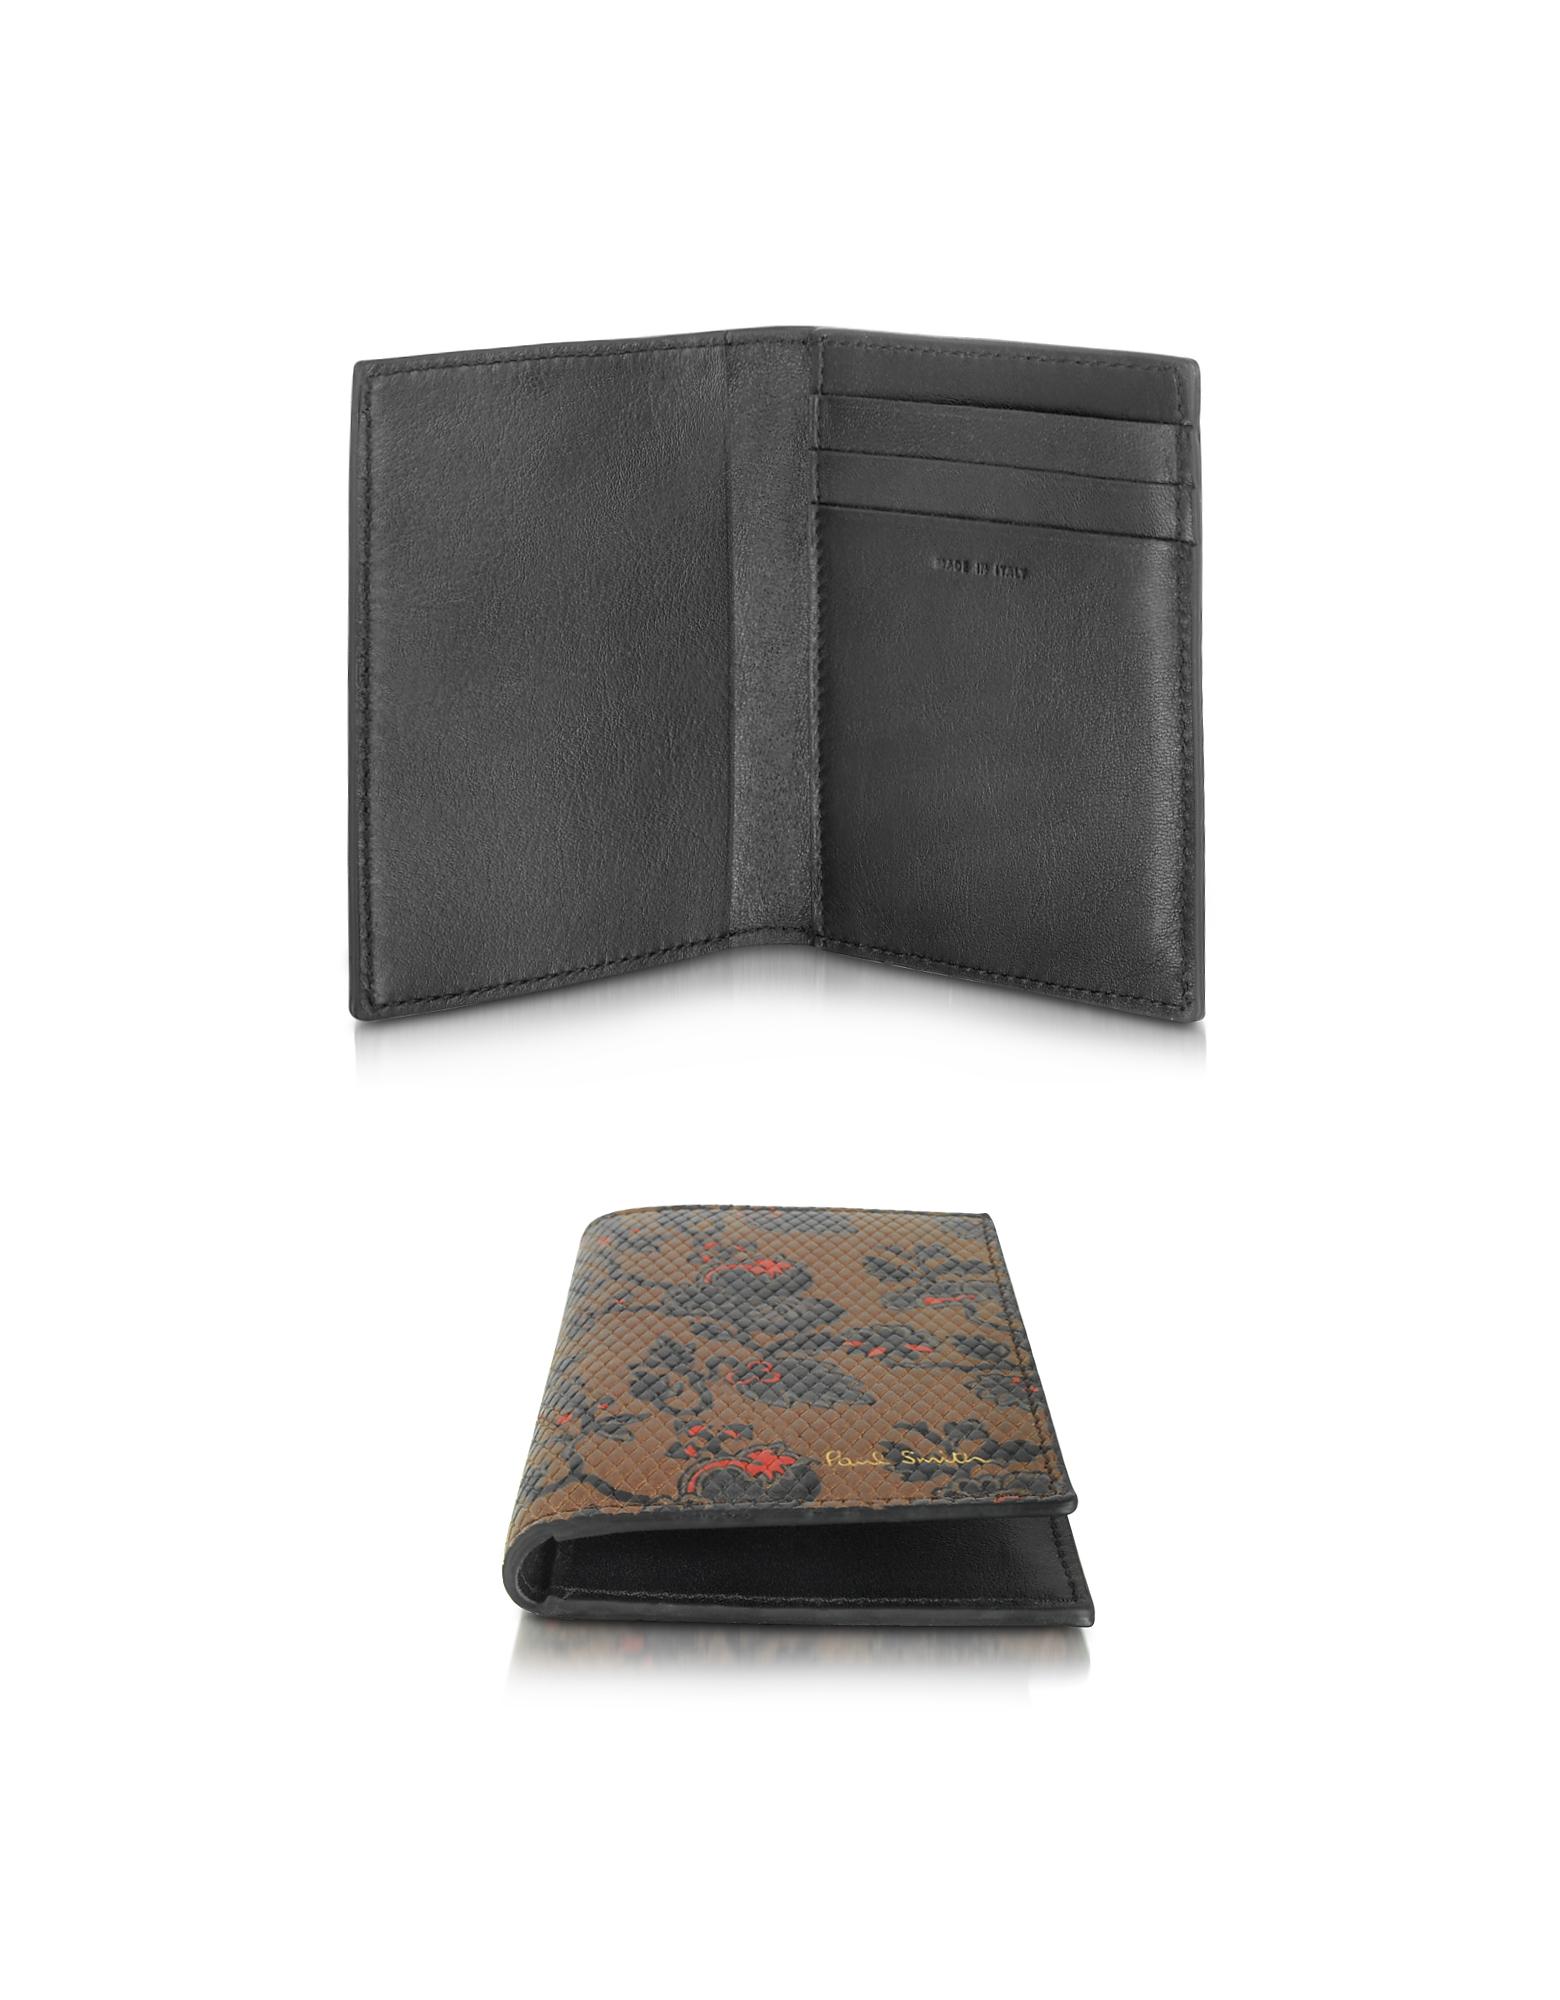 Logan - Мужской Коричневый Кожаный Бумажник для Кредитных Карт с Цветочным Принтом